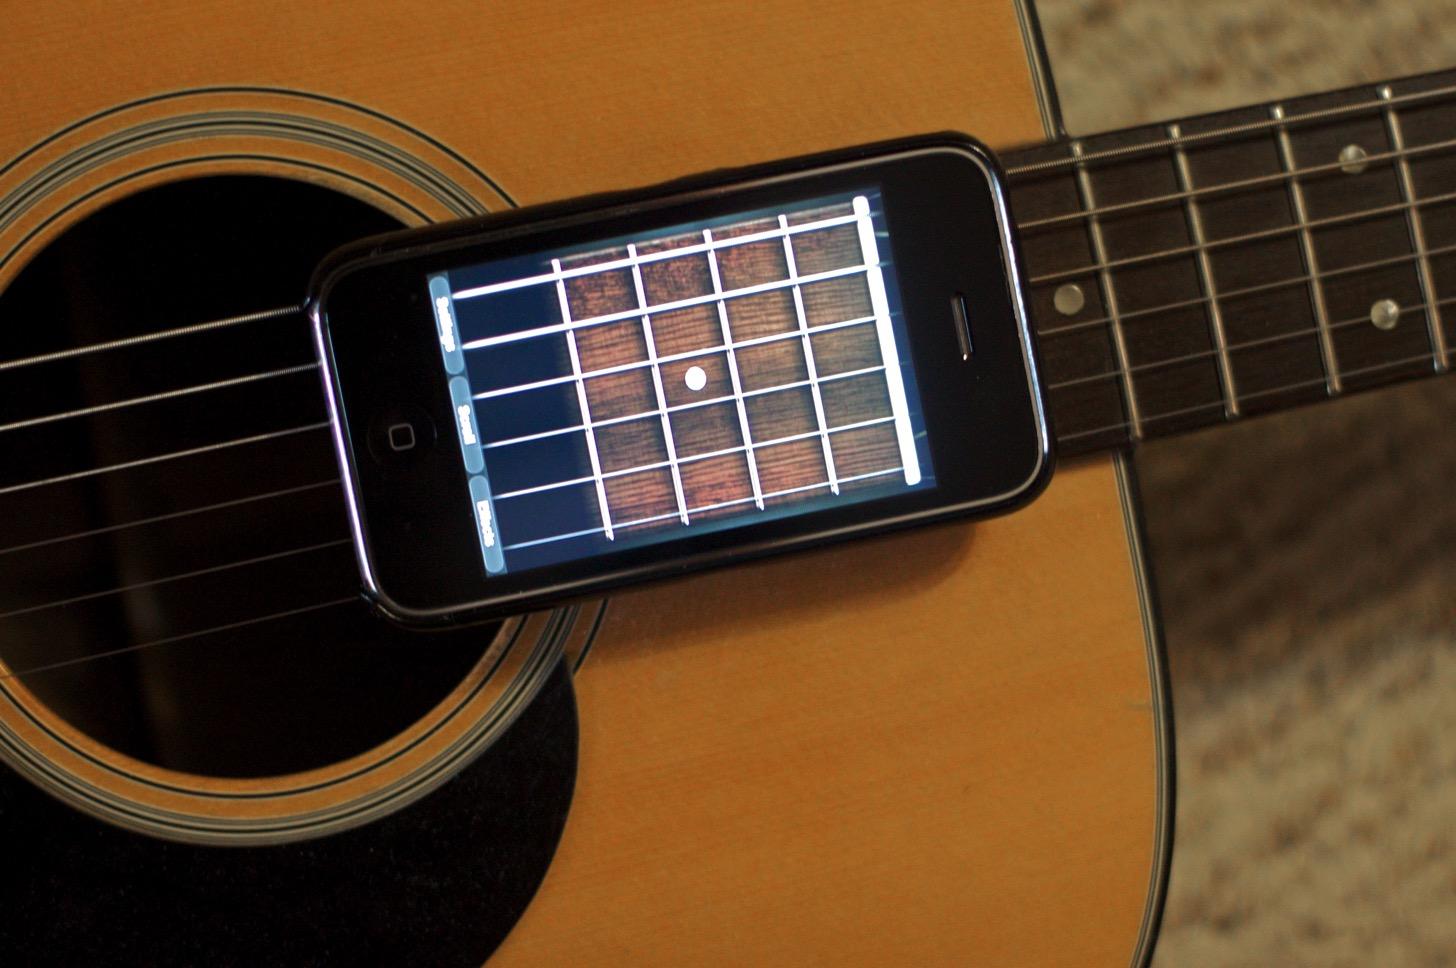 iPhoneとギター